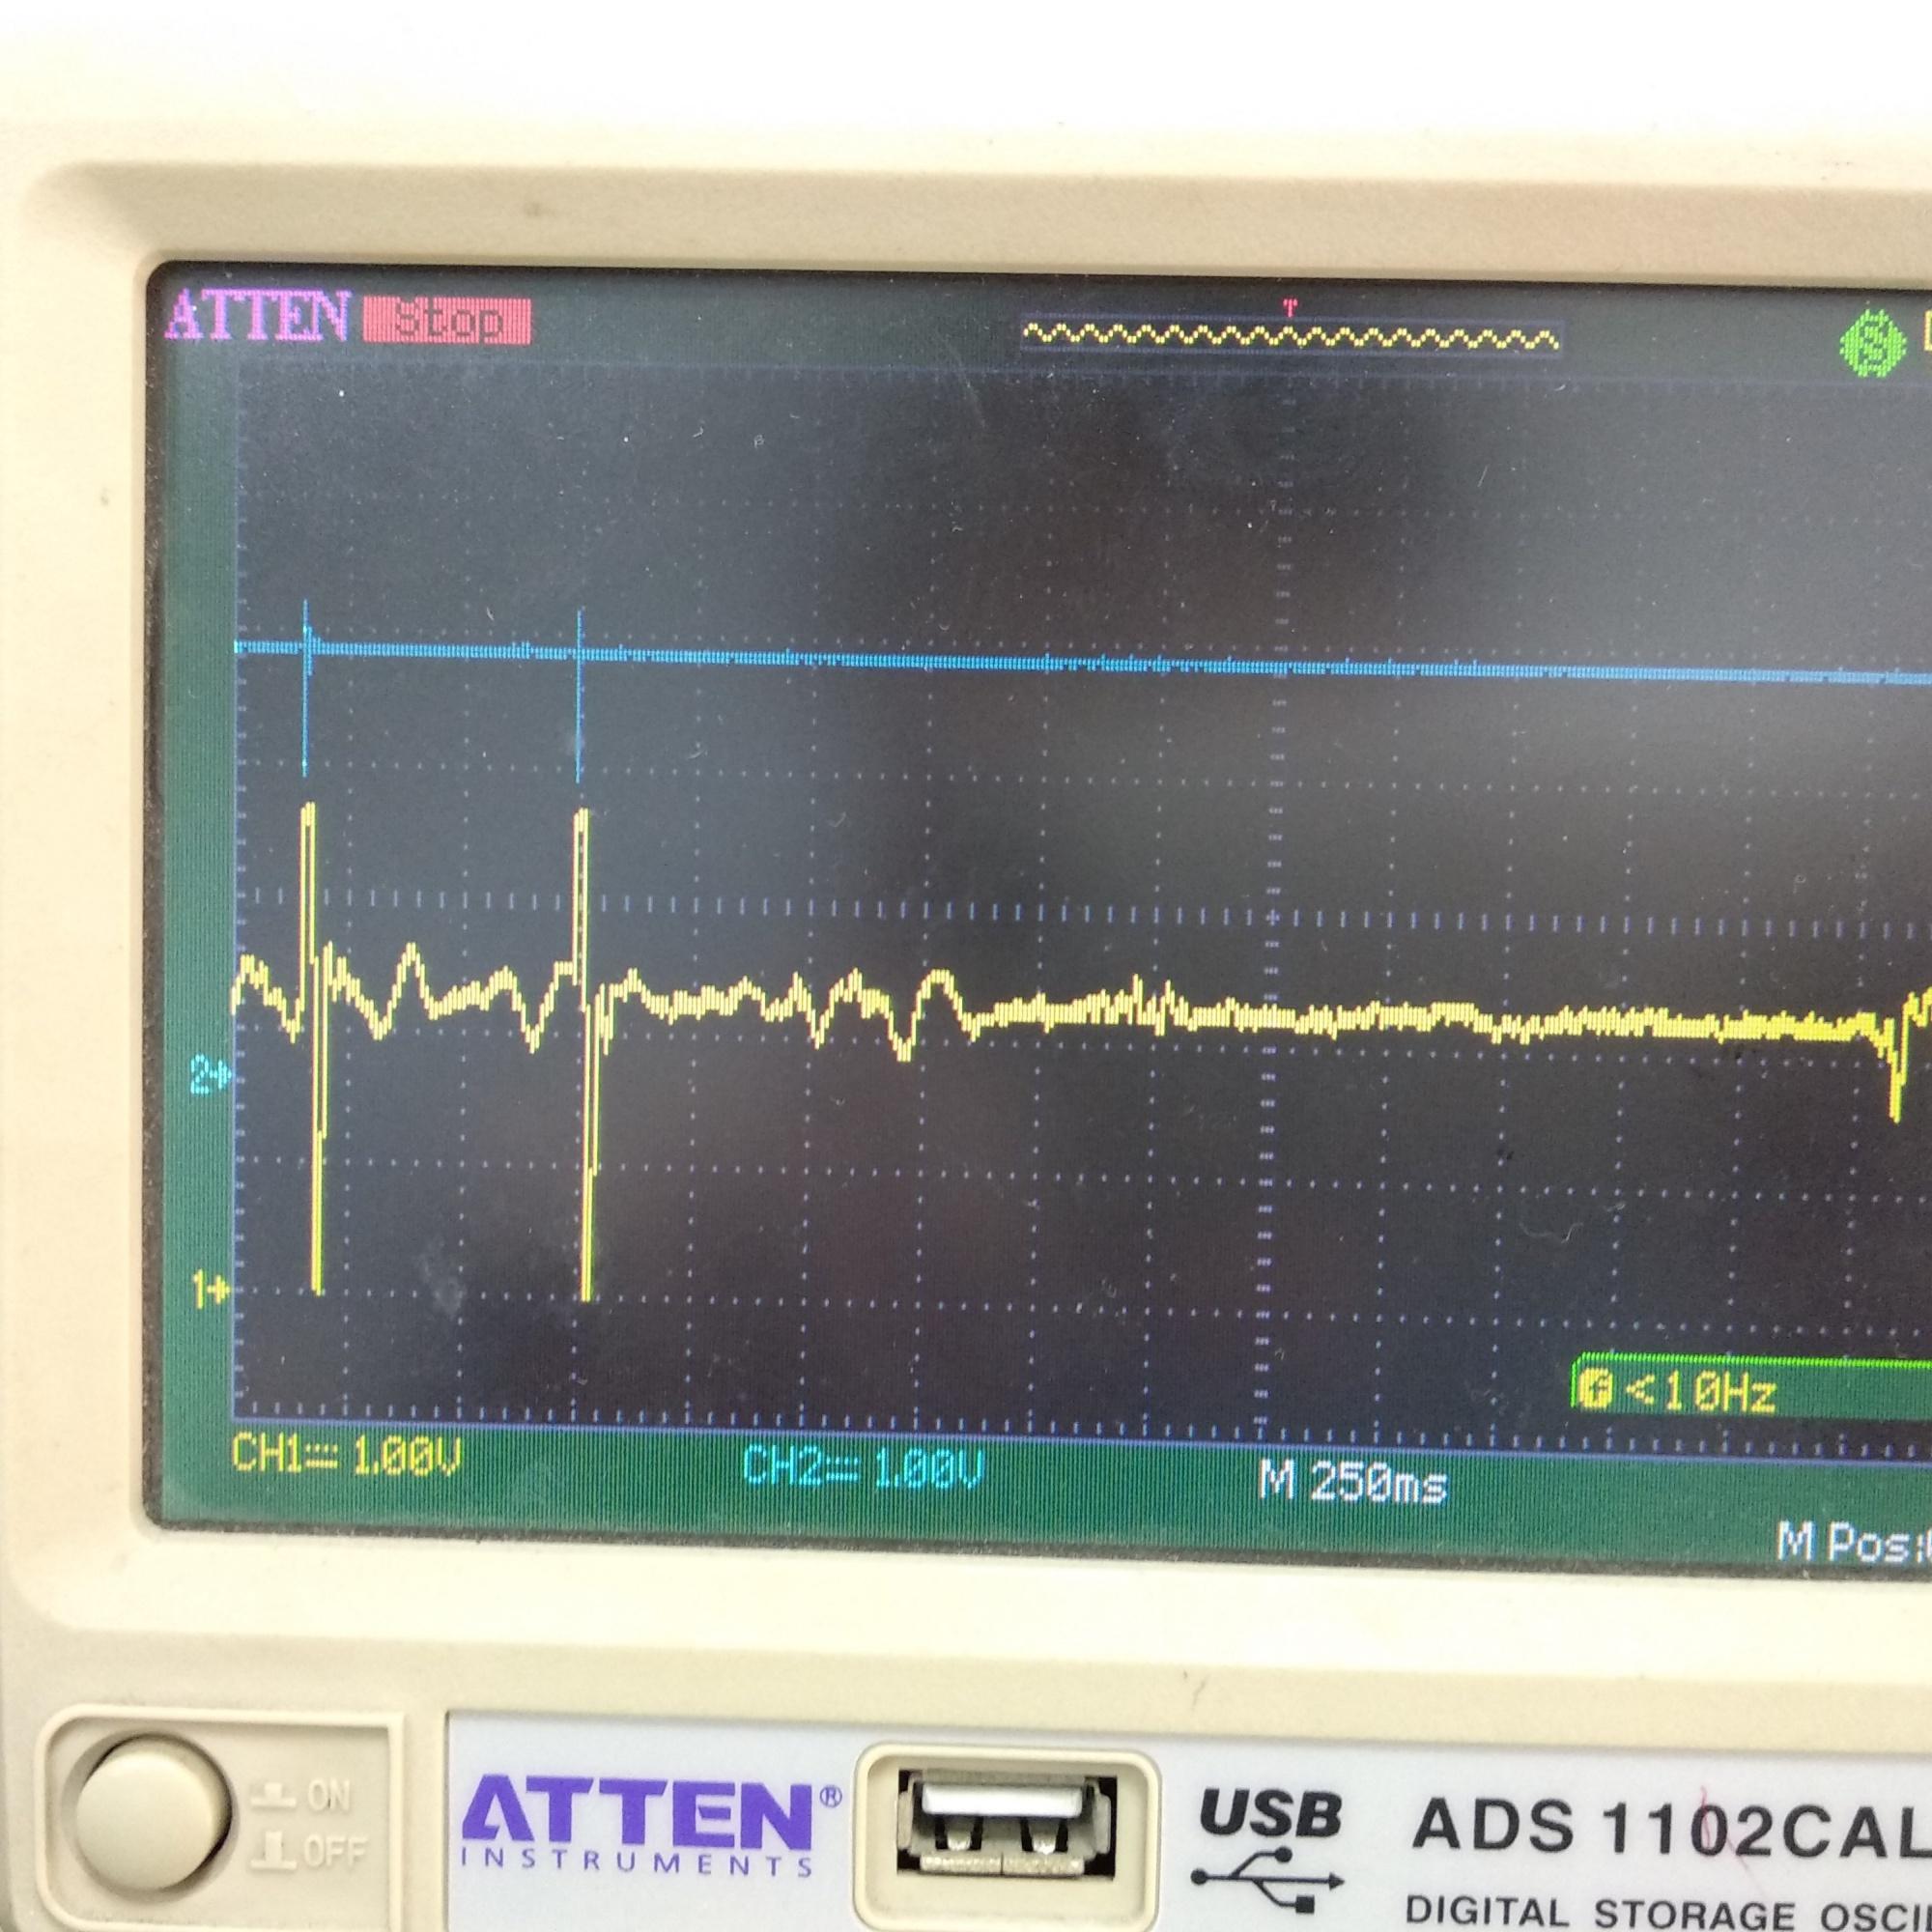 传感器信号被干扰